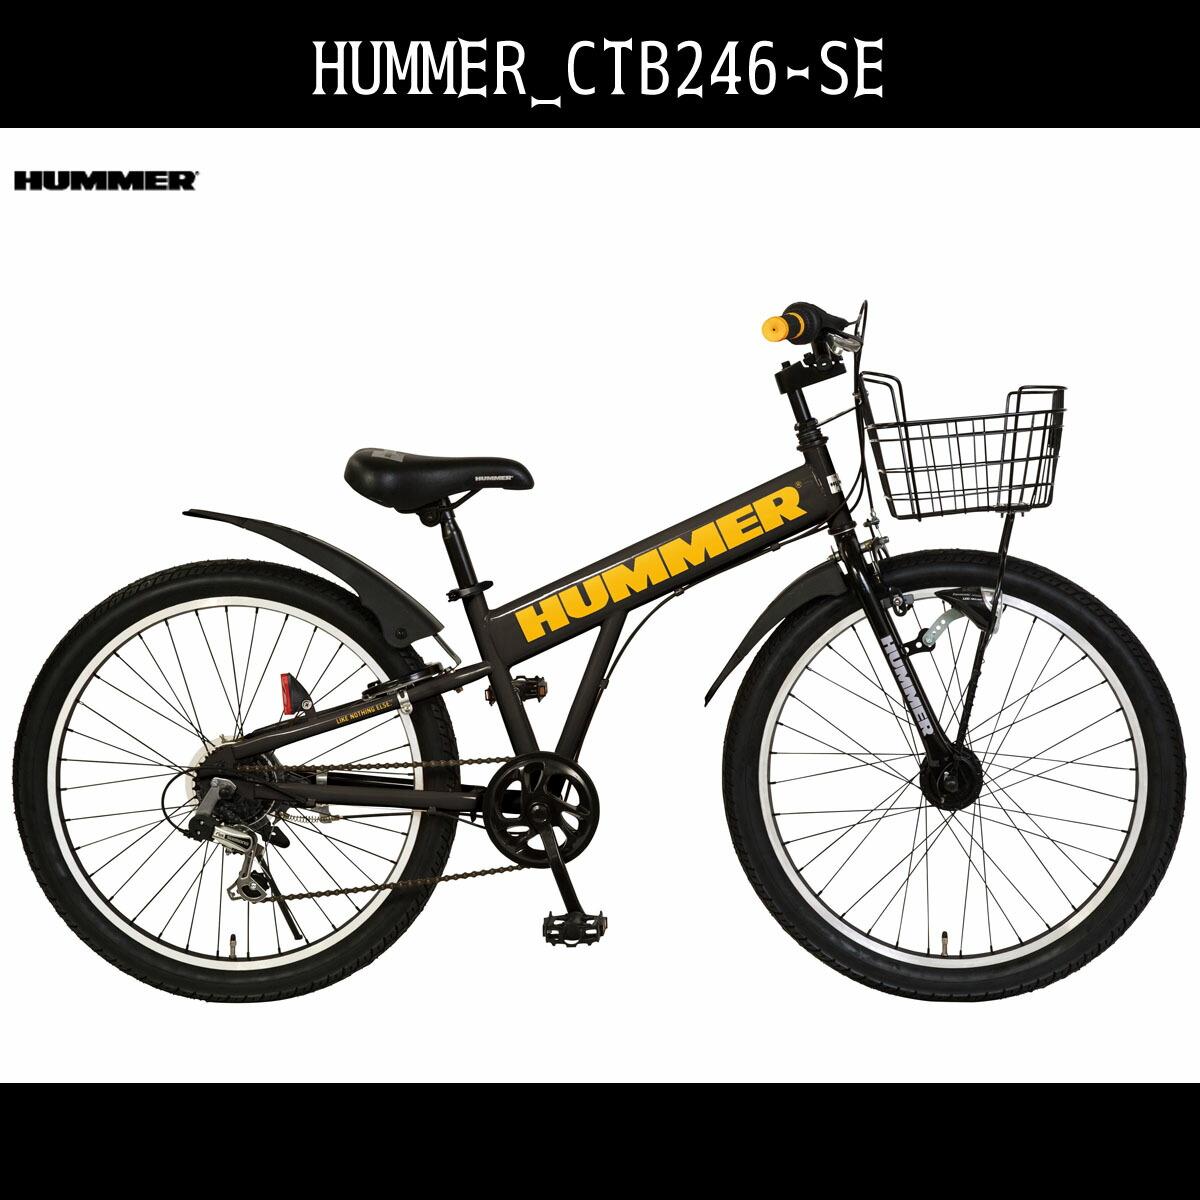 子供用 マウンテンバイク 自転車 ハマー HUMMER 子ども用 自転車 ブラック 黒24インチ 外装6段変速ギア LEDオートライト 泥除け かご付 鍵付のマウンテンバイク HUMMER CTB246-SE ハマー 自転車 激安キッズ 自転車 ジュニア